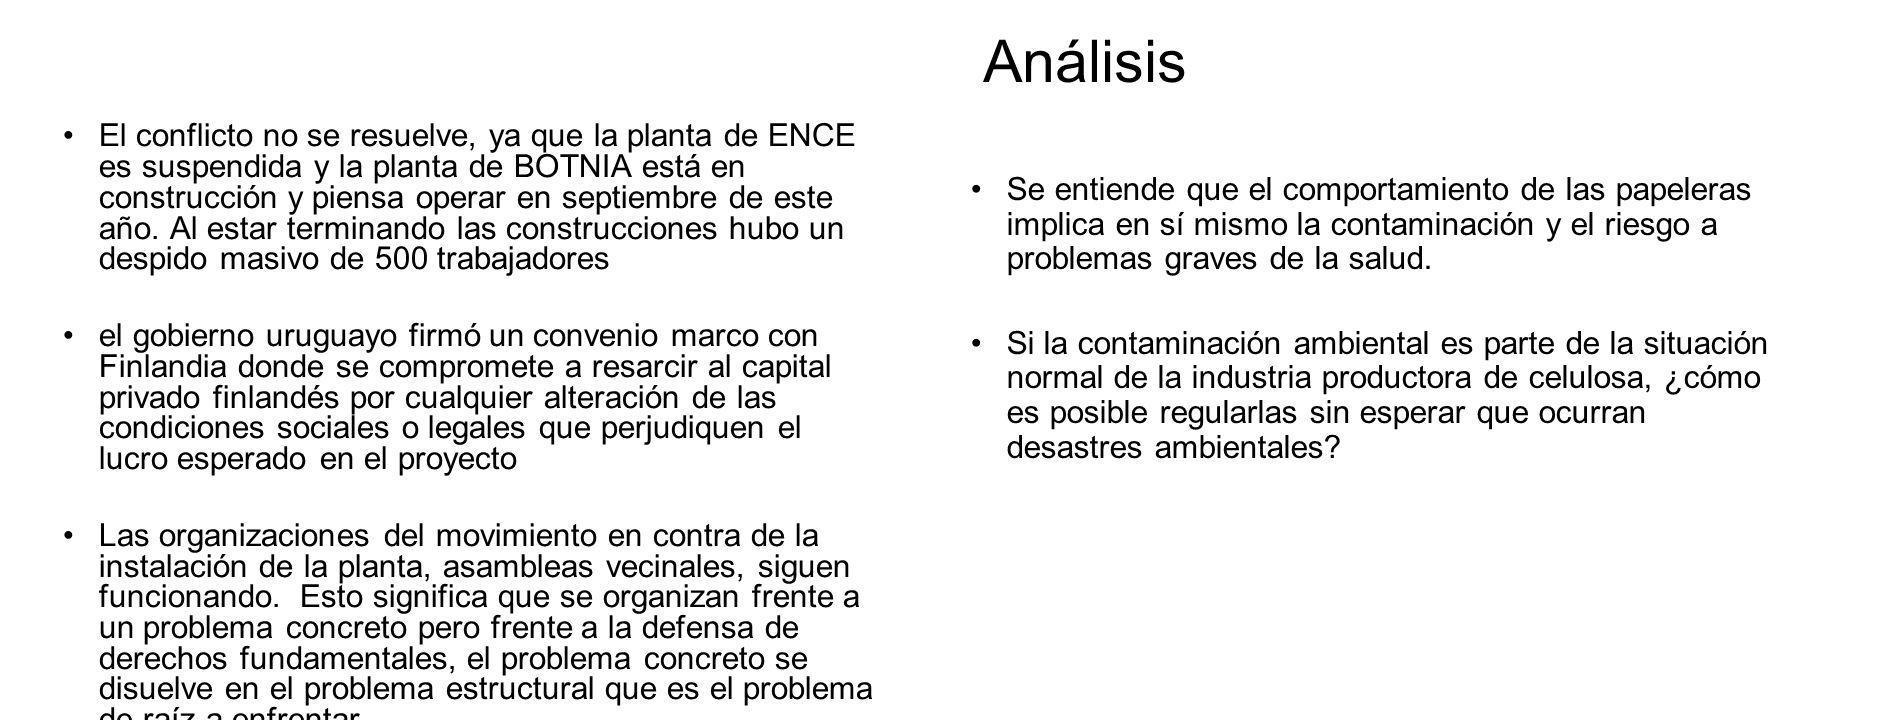 Análisis El conflicto no se resuelve, ya que la planta de ENCE es suspendida y la planta de BOTNIA está en construcción y piensa operar en septiembre de este año.